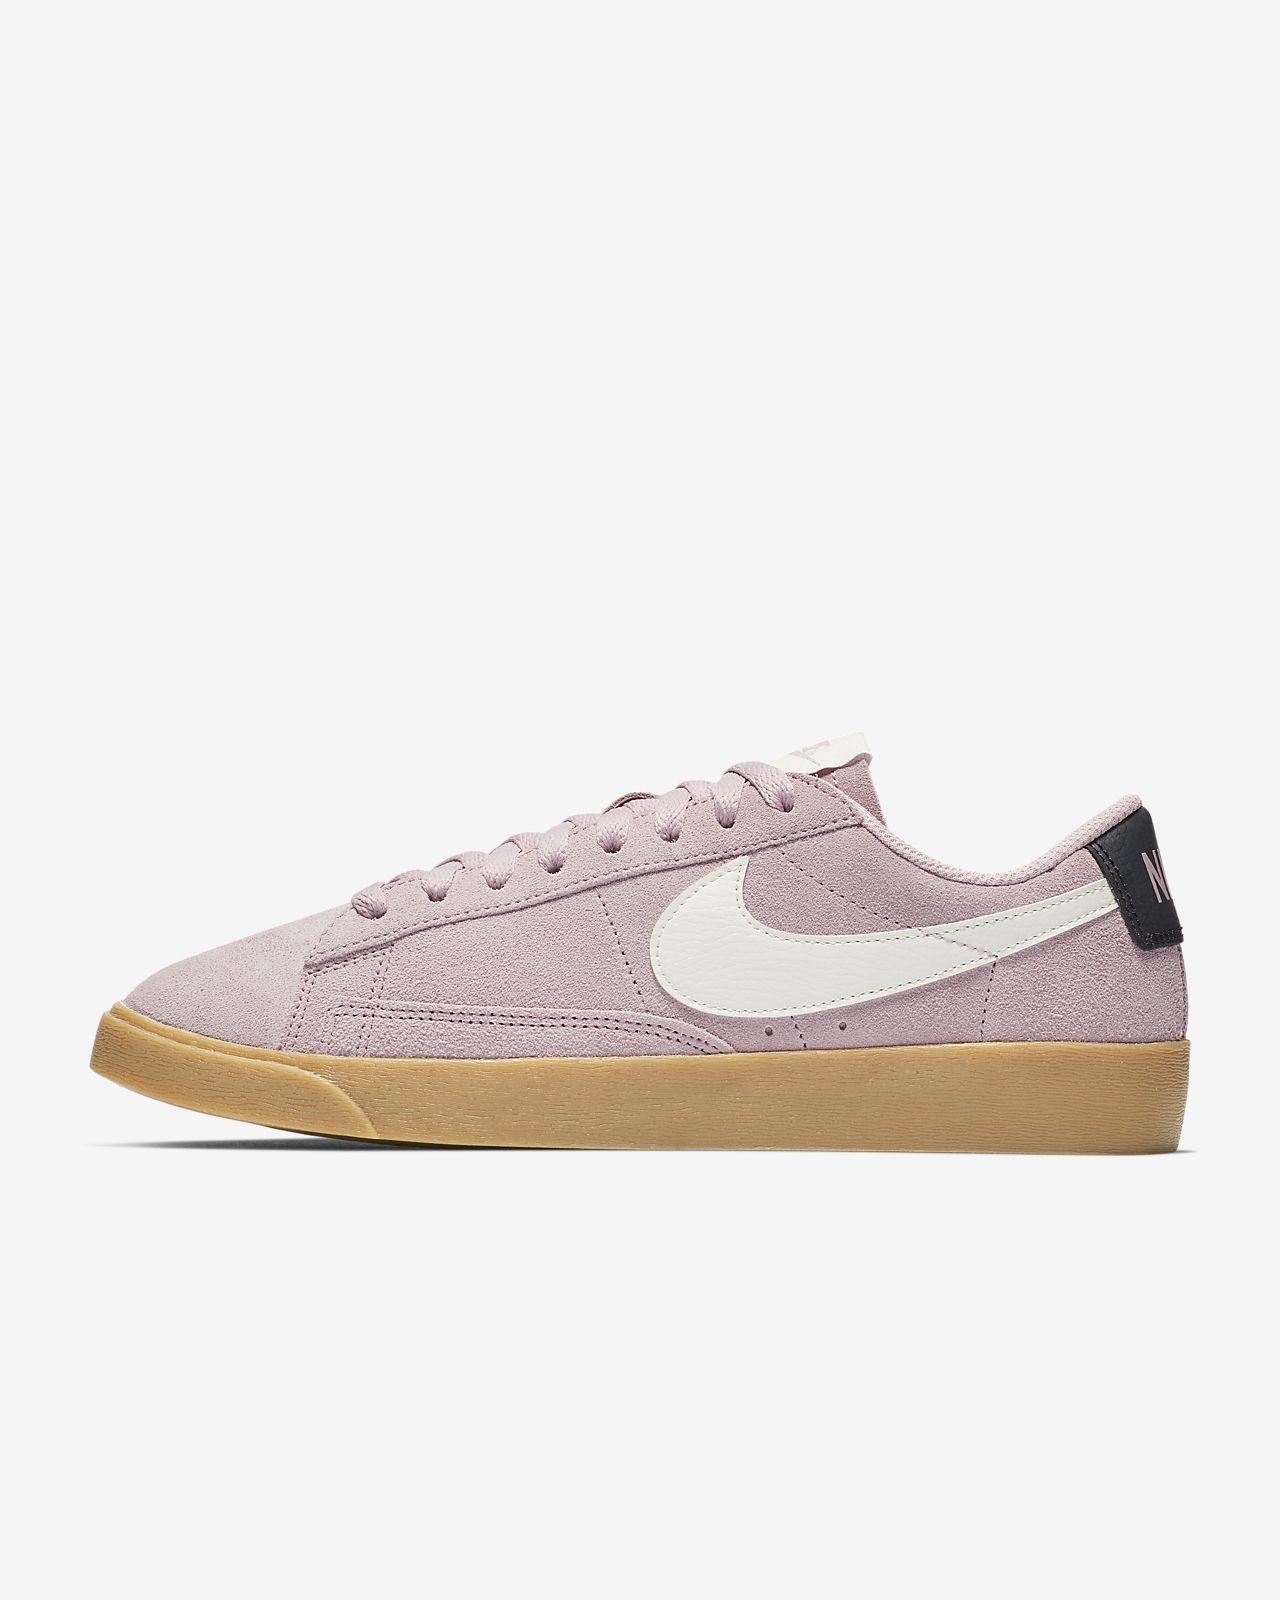 quality design 731b3 b56b2 Nike Blazer Low Suede